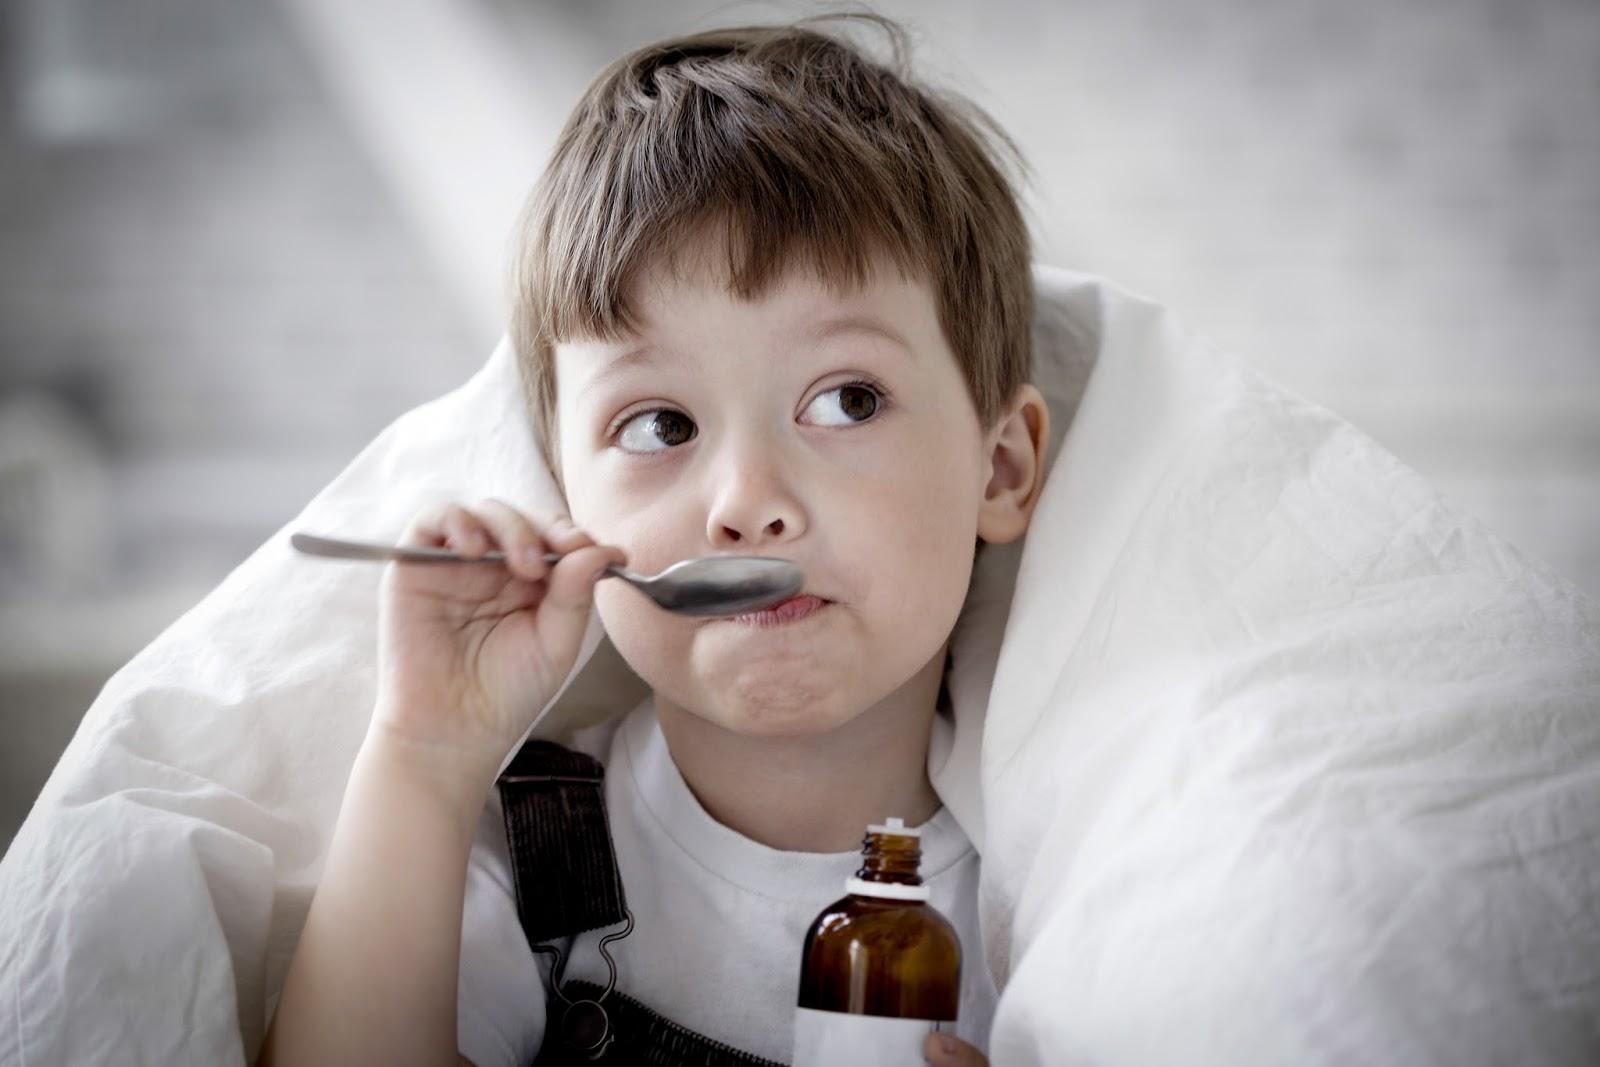 Ночной кашель у ребенка без температуры чем лечить и как помочь